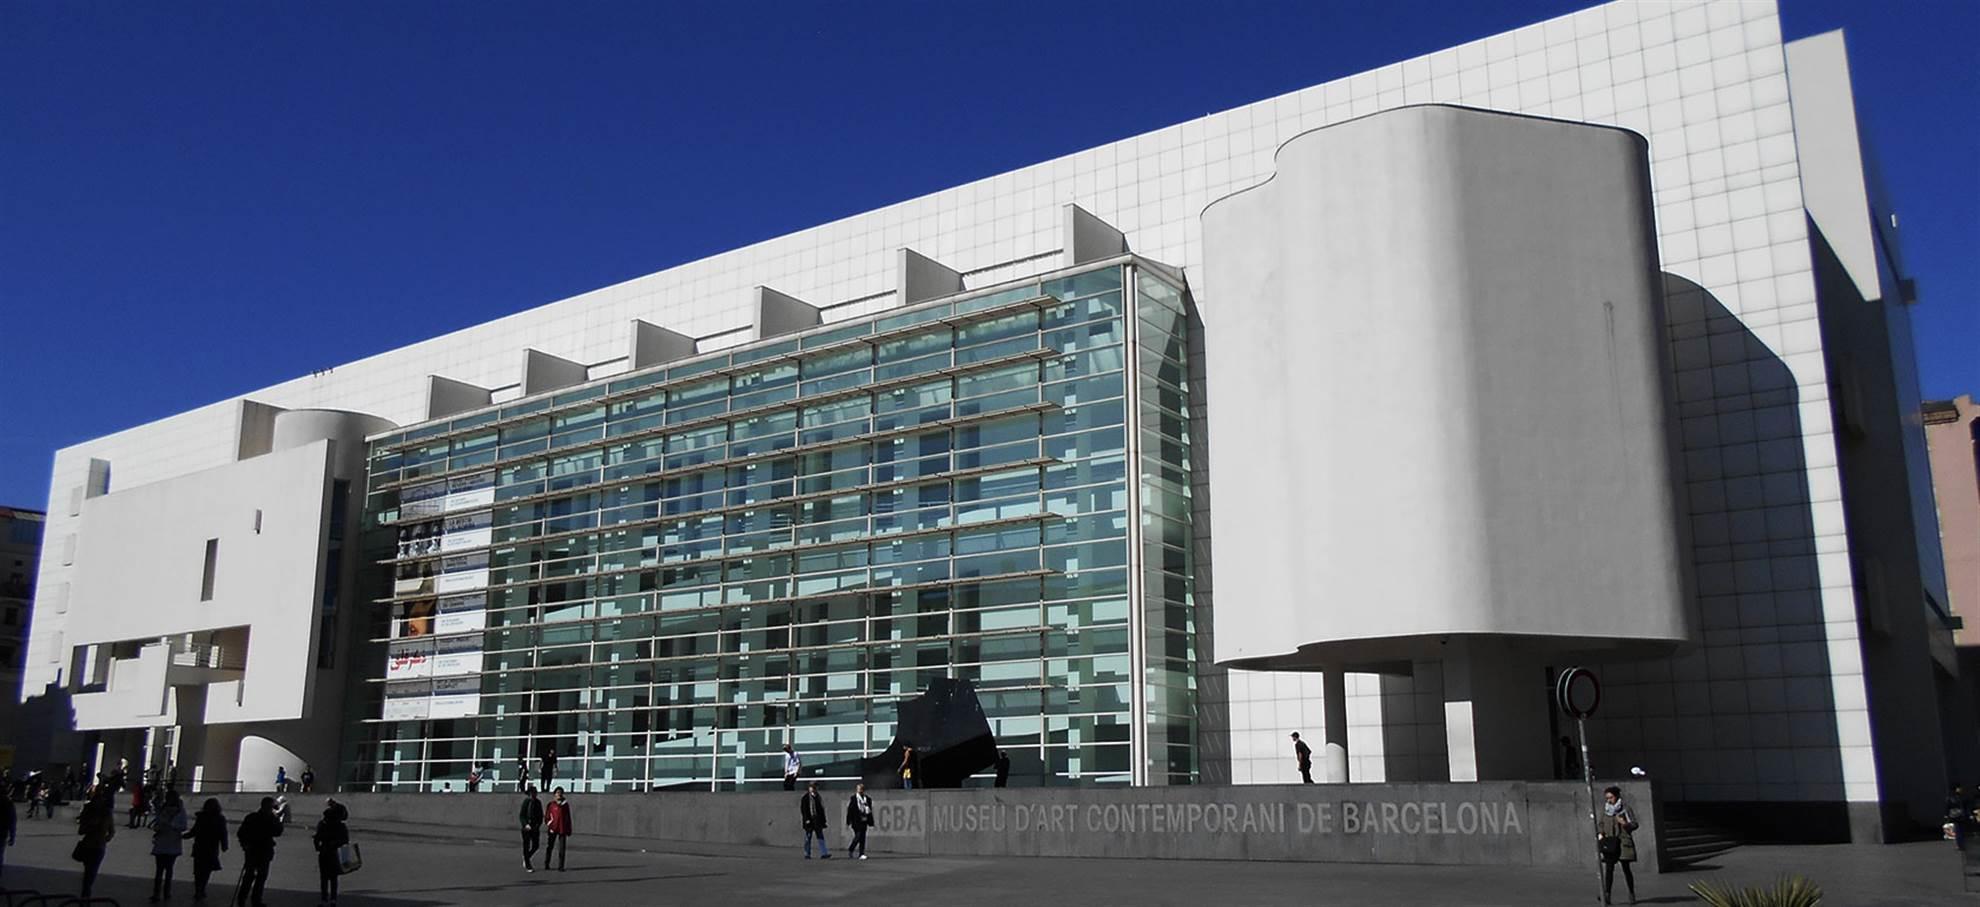 Barcelona Museum für Zeitgenössische Kunst